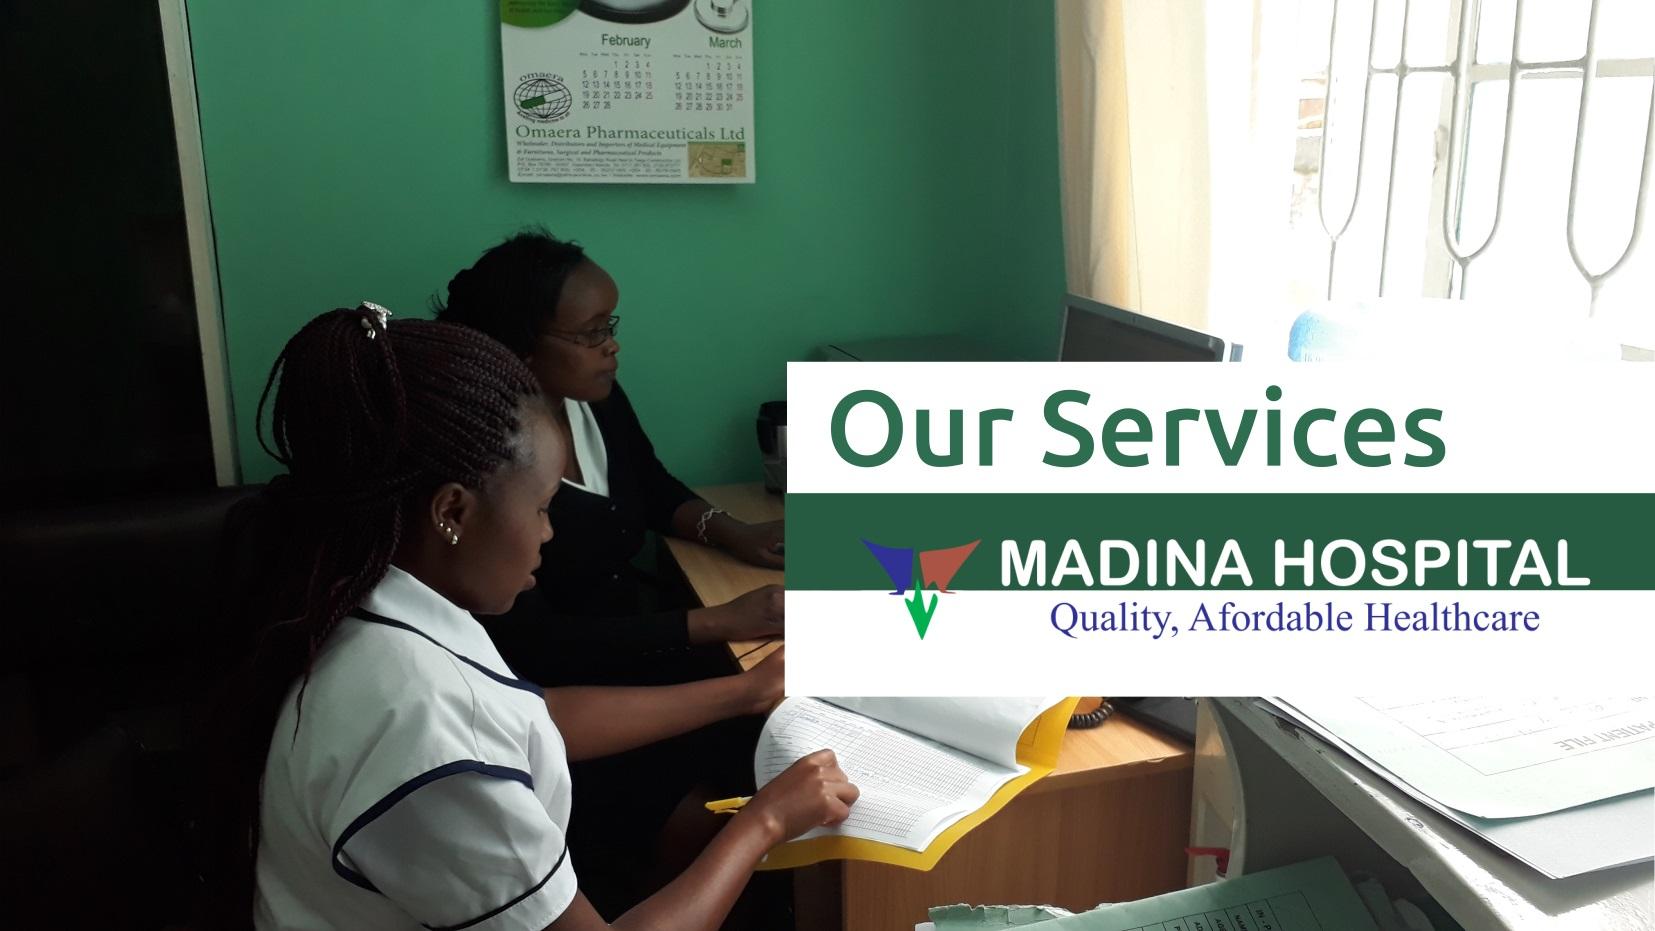 madina hospital - services header